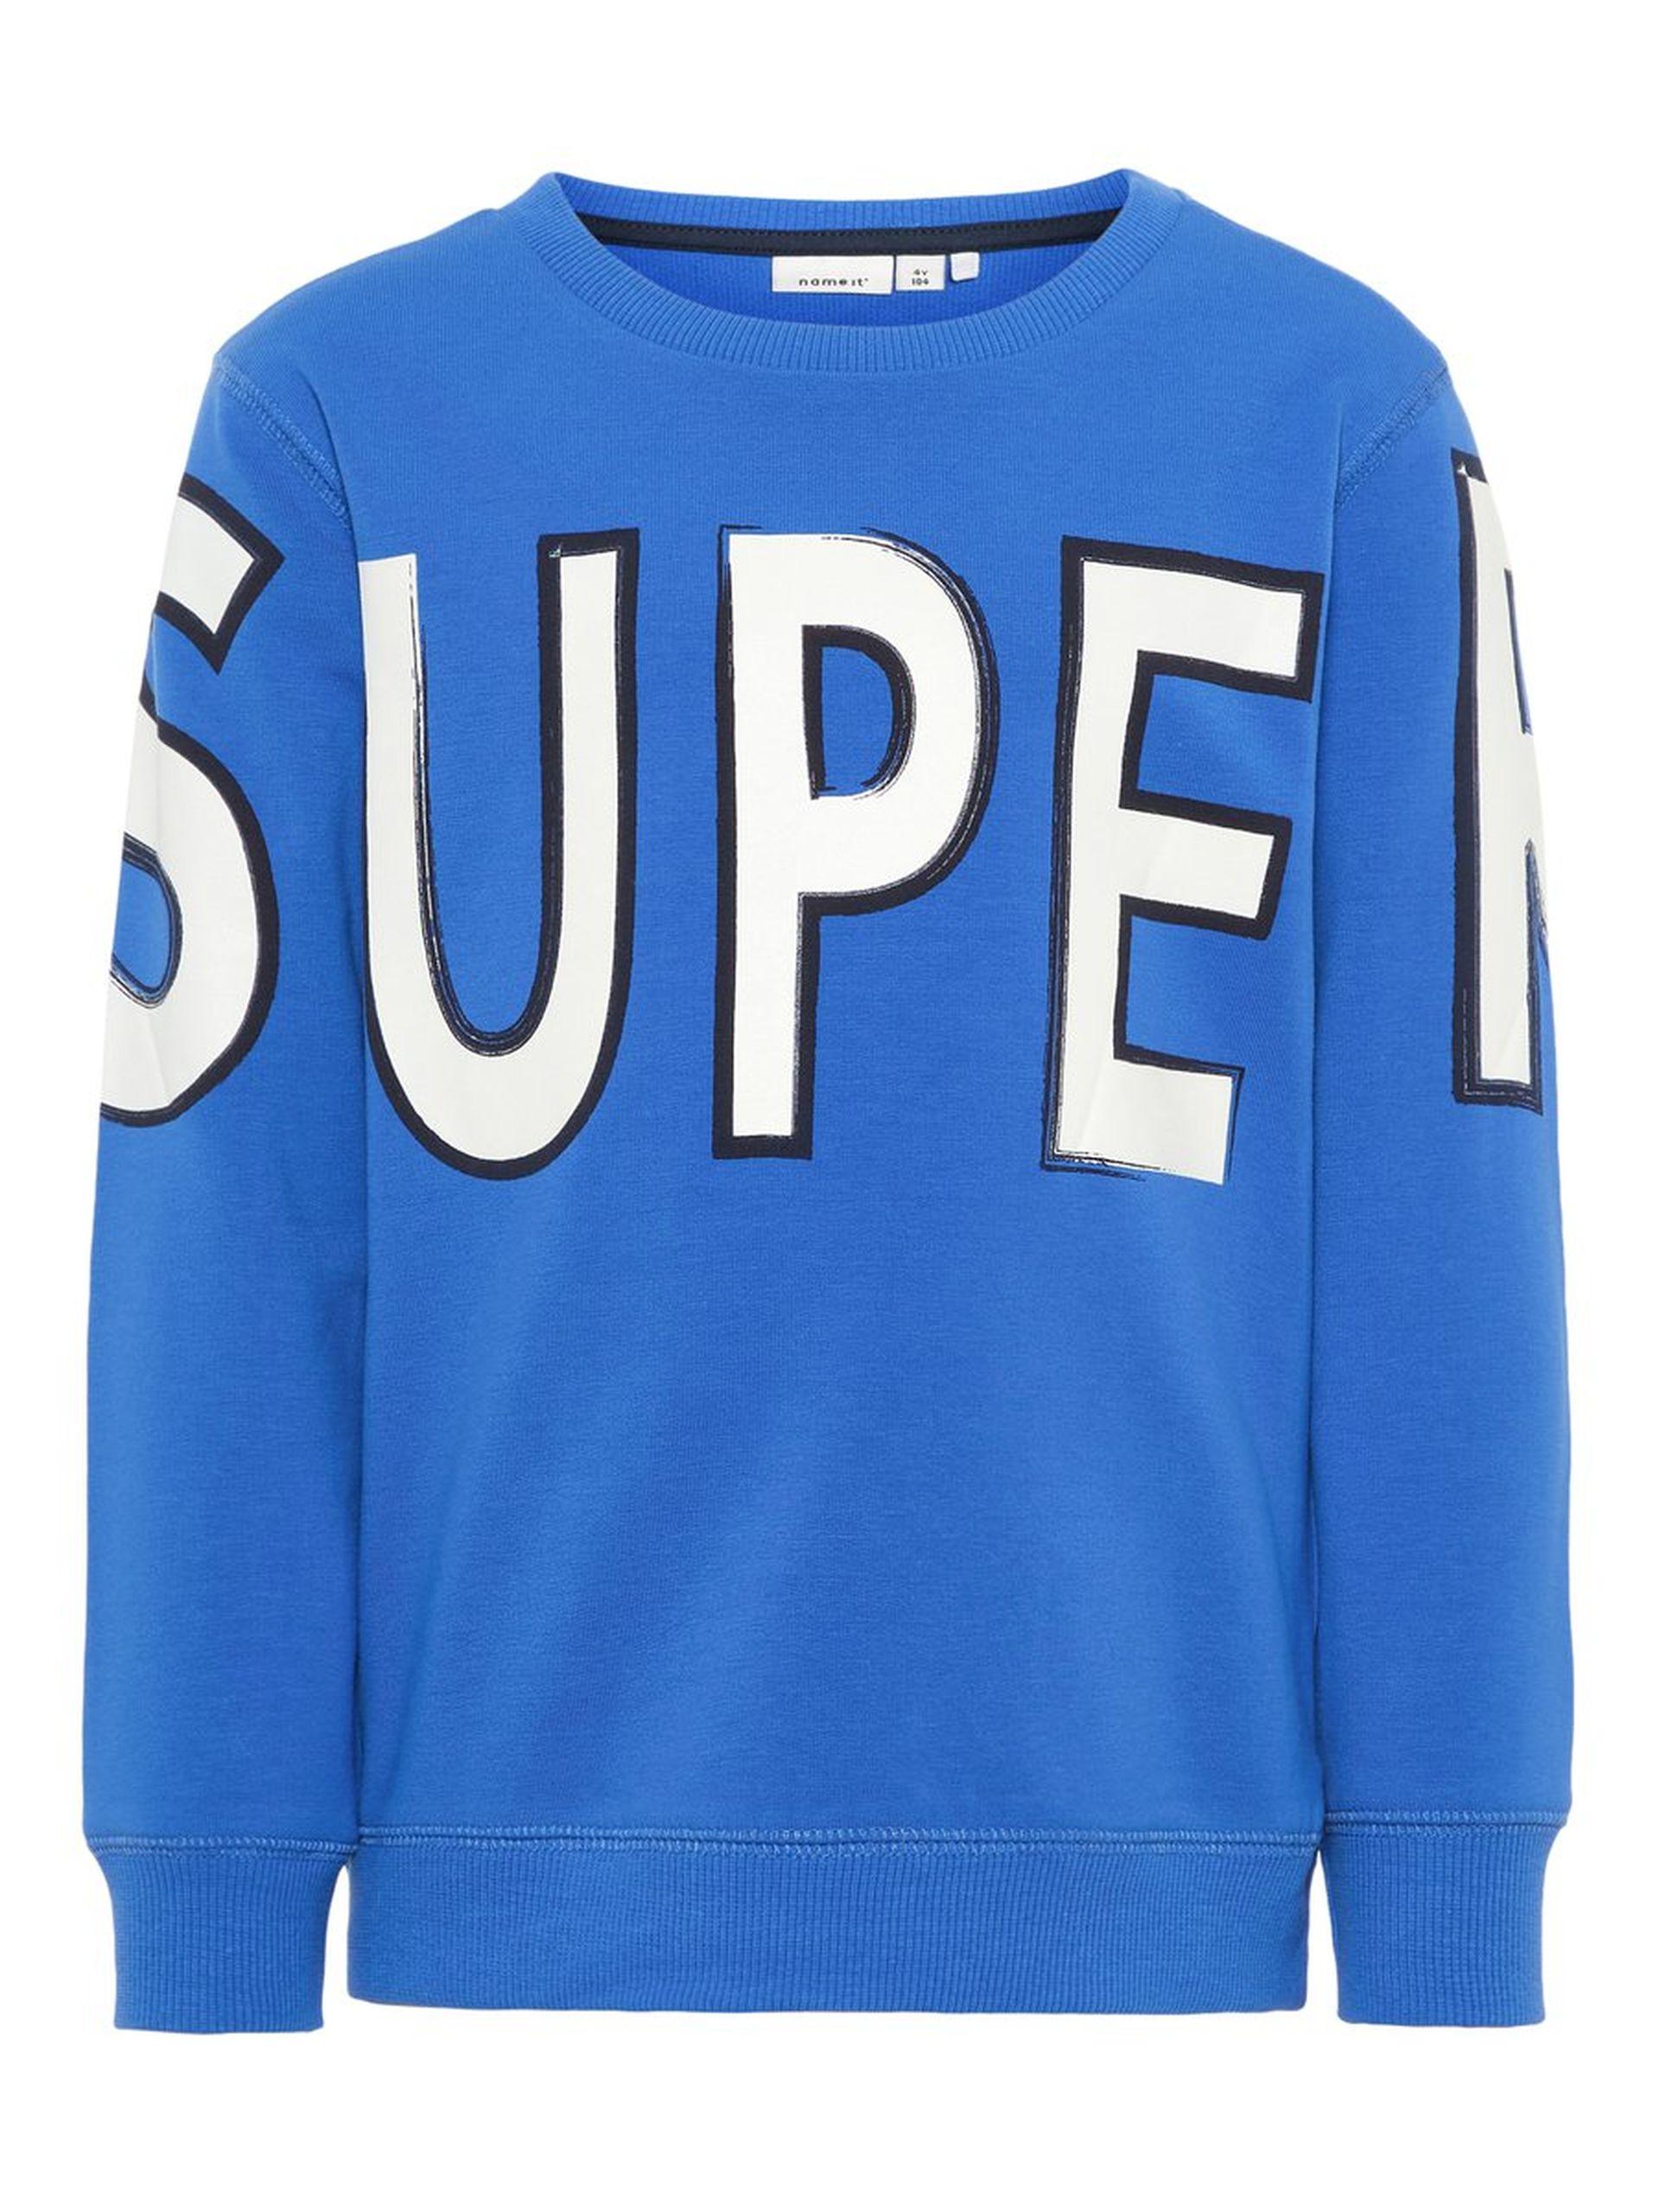 e7ccfb79 Name It genser super, blå genser til barn fra Name It. Nameit barneklær.